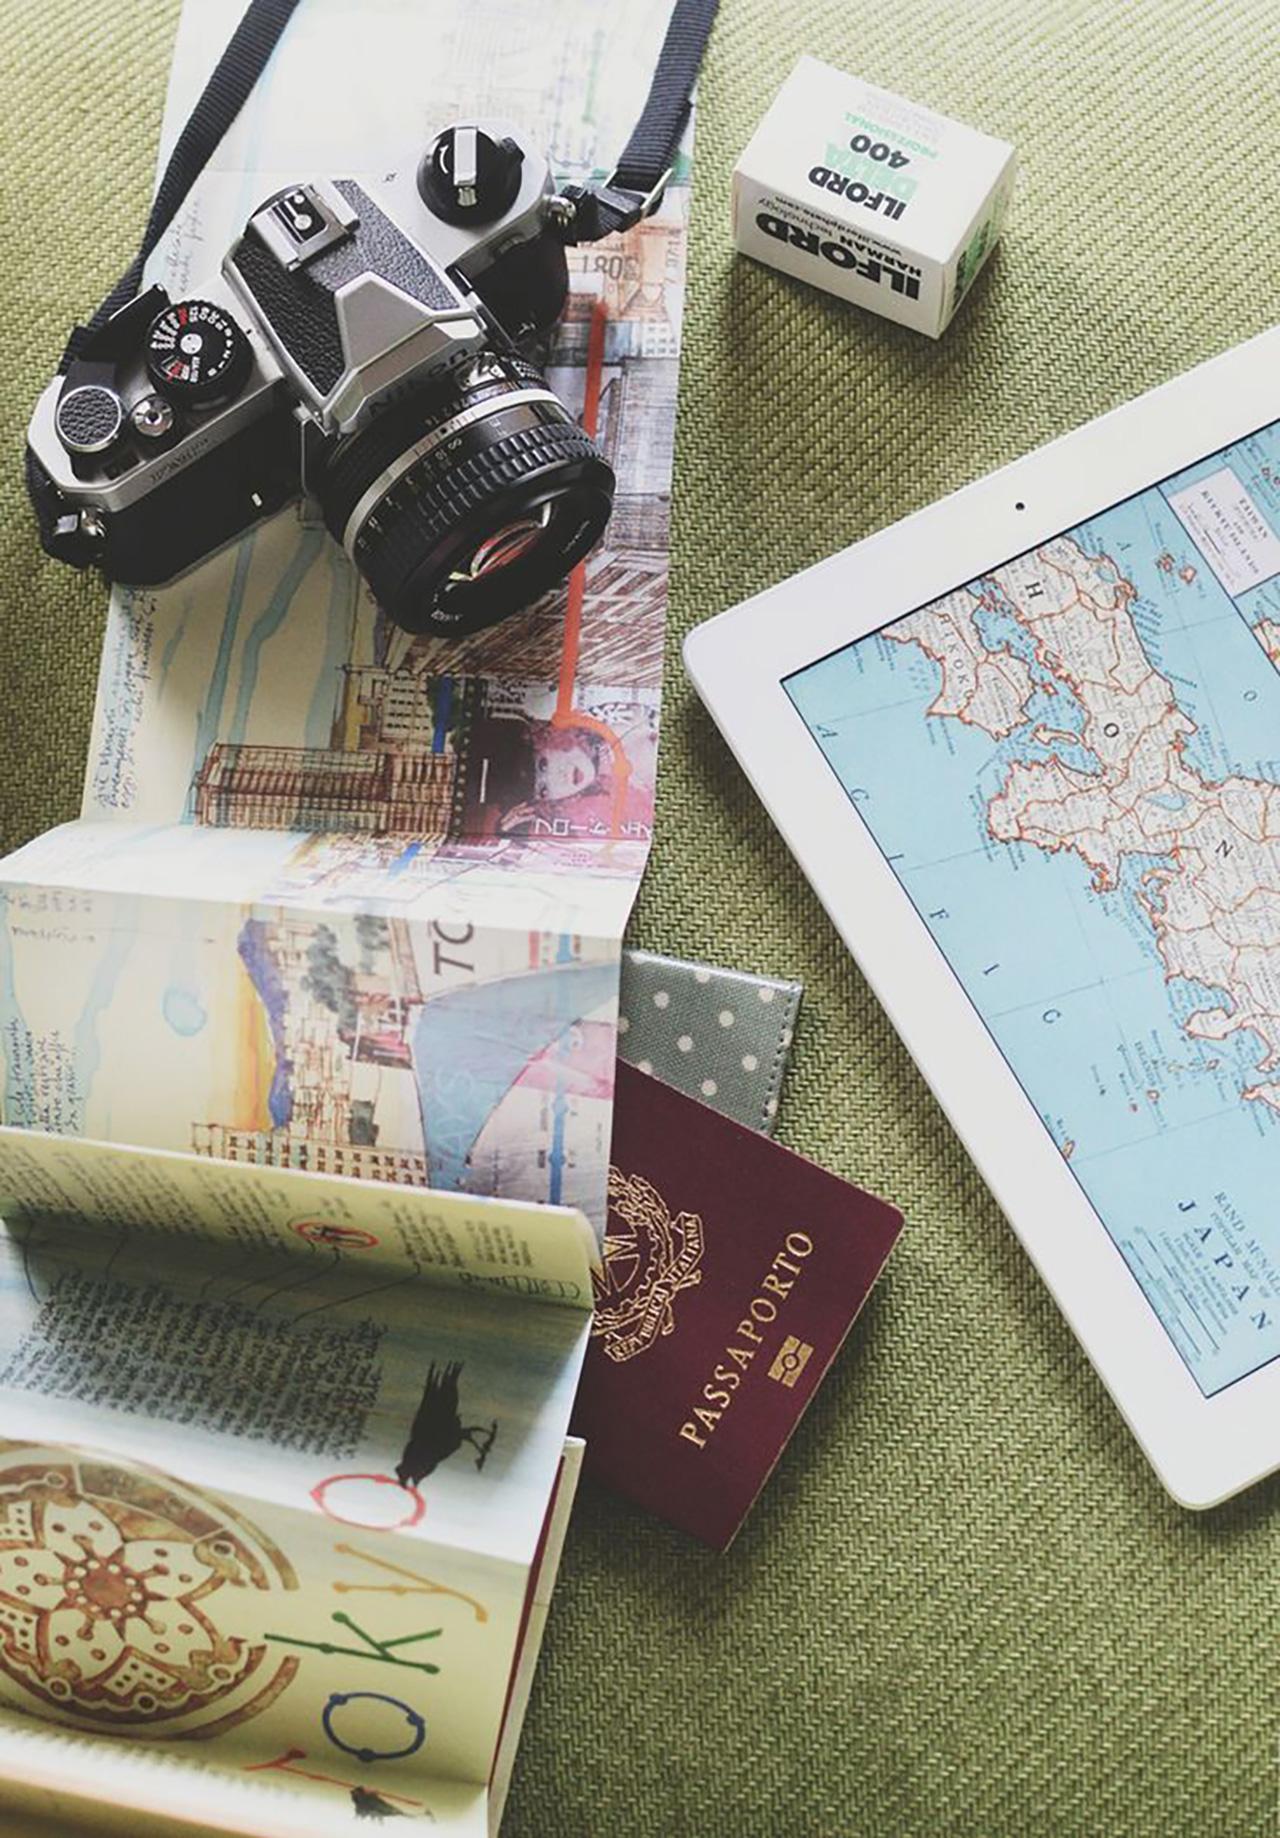 ชอบท่องเที่ยวรอบโลก ต้องเตรียมหนังสือเดินทางให้พร้อมไว้เสมอ